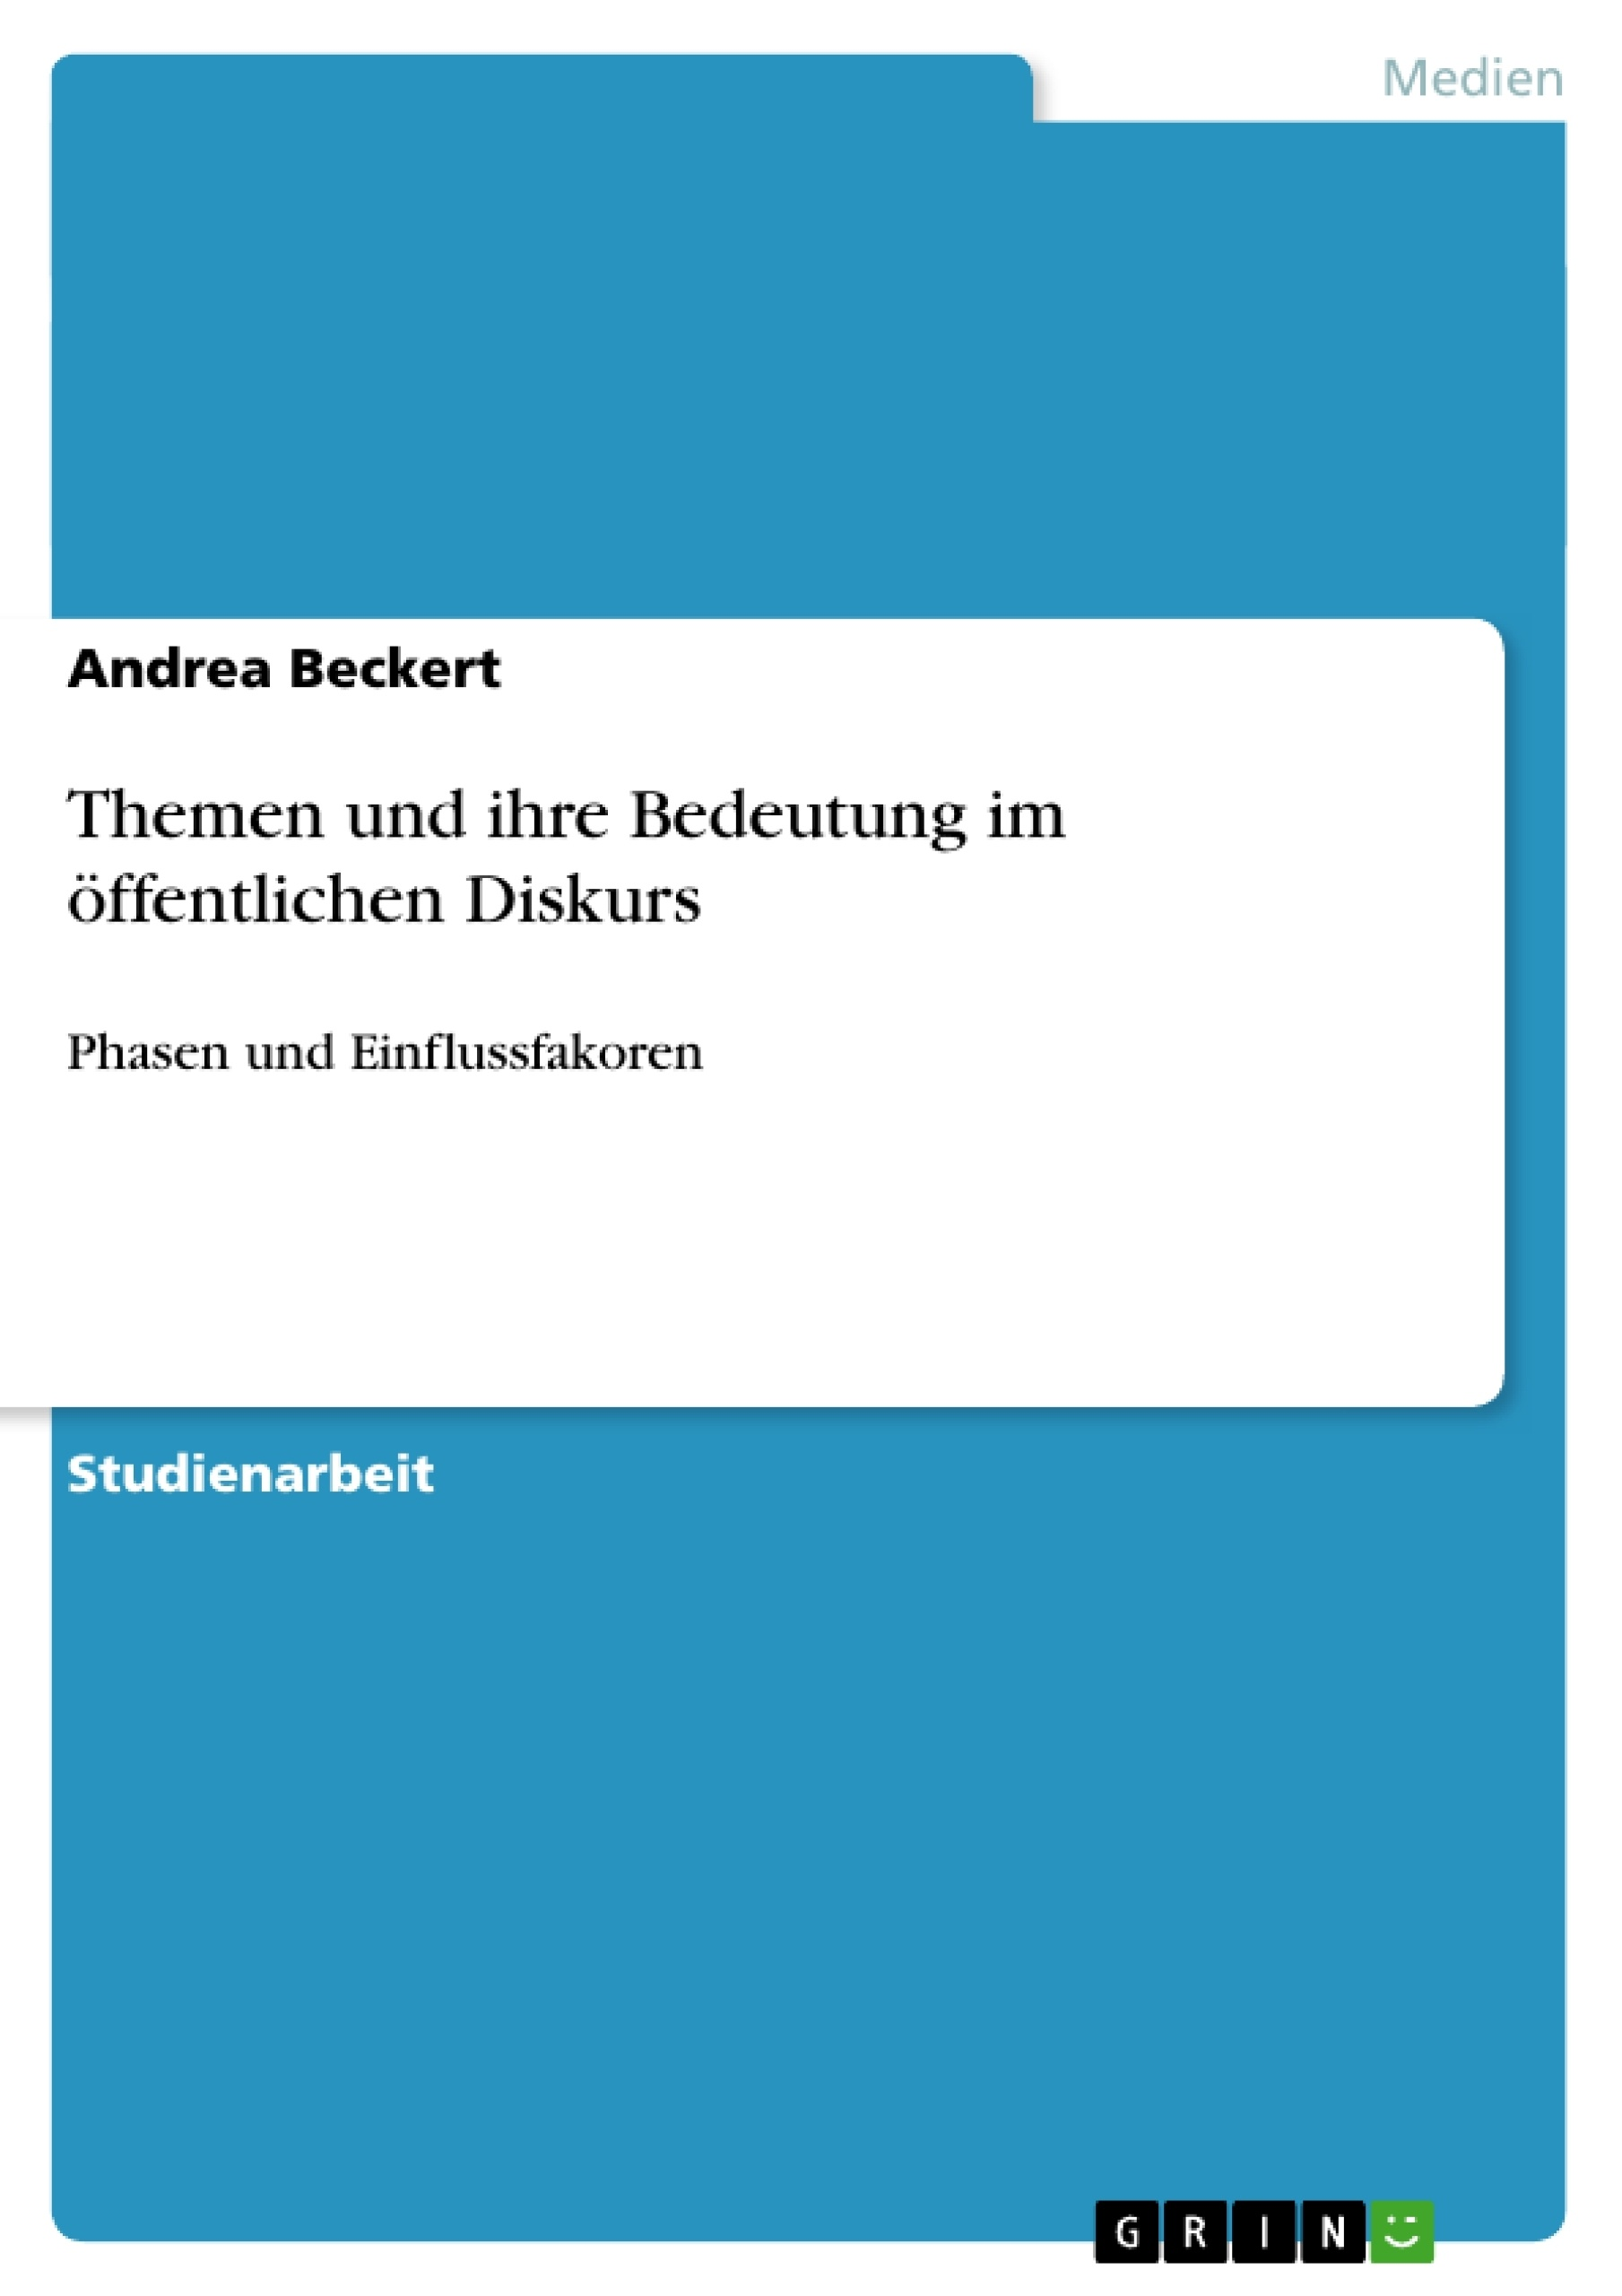 Titel: Themen und ihre Bedeutung im öffentlichen Diskurs